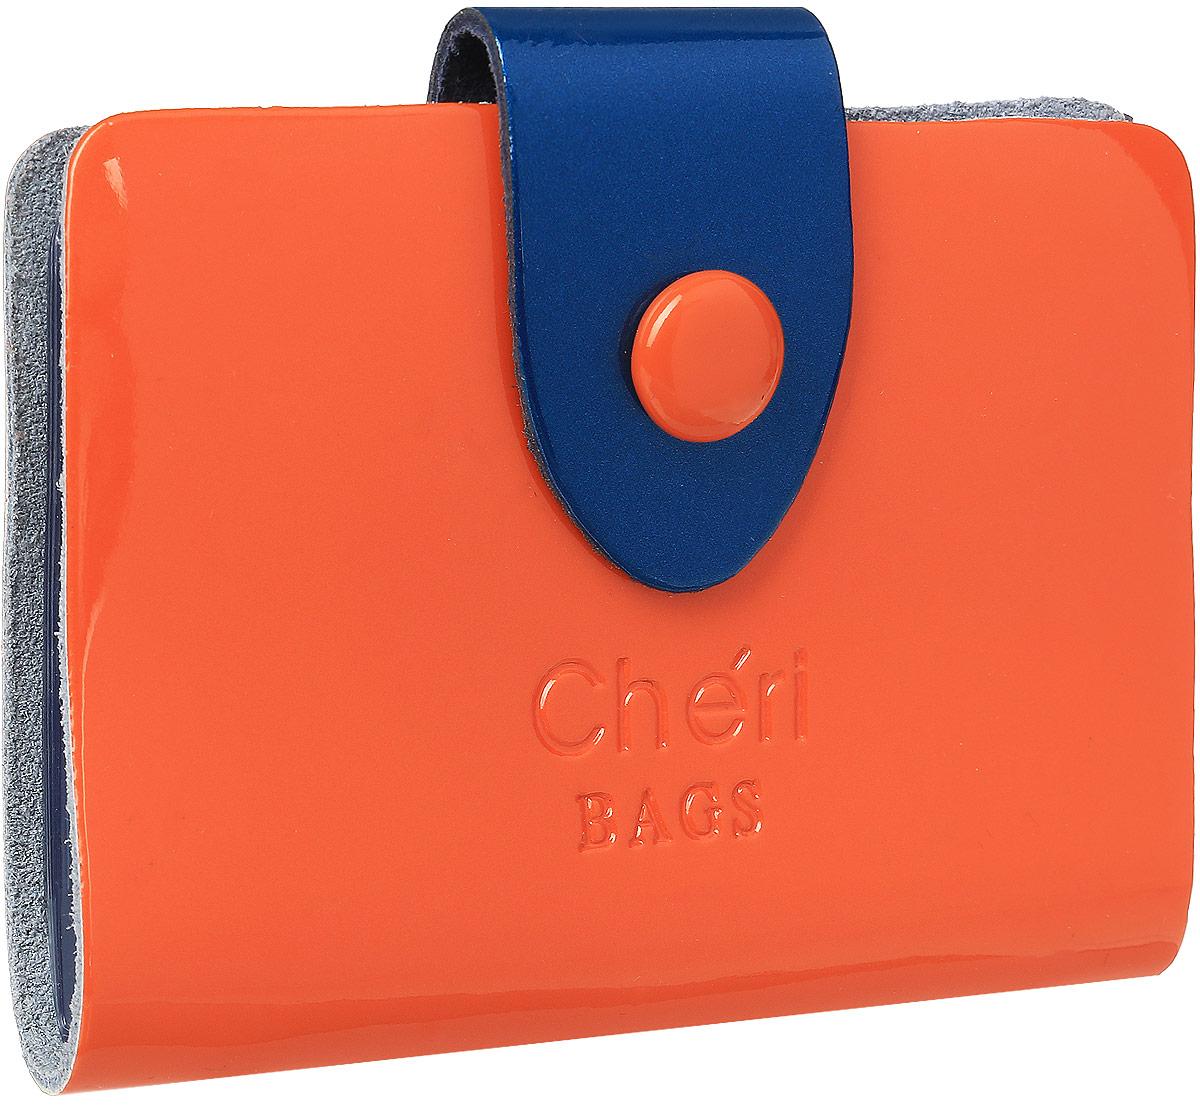 Визитница женская Cheribags, цвет: оранжевый. V-0499-2223/0330/181Визитница Cheribags выполнена из натуральной кожи зернистой текстуры и оформлена тисненой надписью с названием бренда. Внутри расположен блок с 26 файлами для визитных и дисконтных карт. Изделие застегивается хлястиком на кнопку.